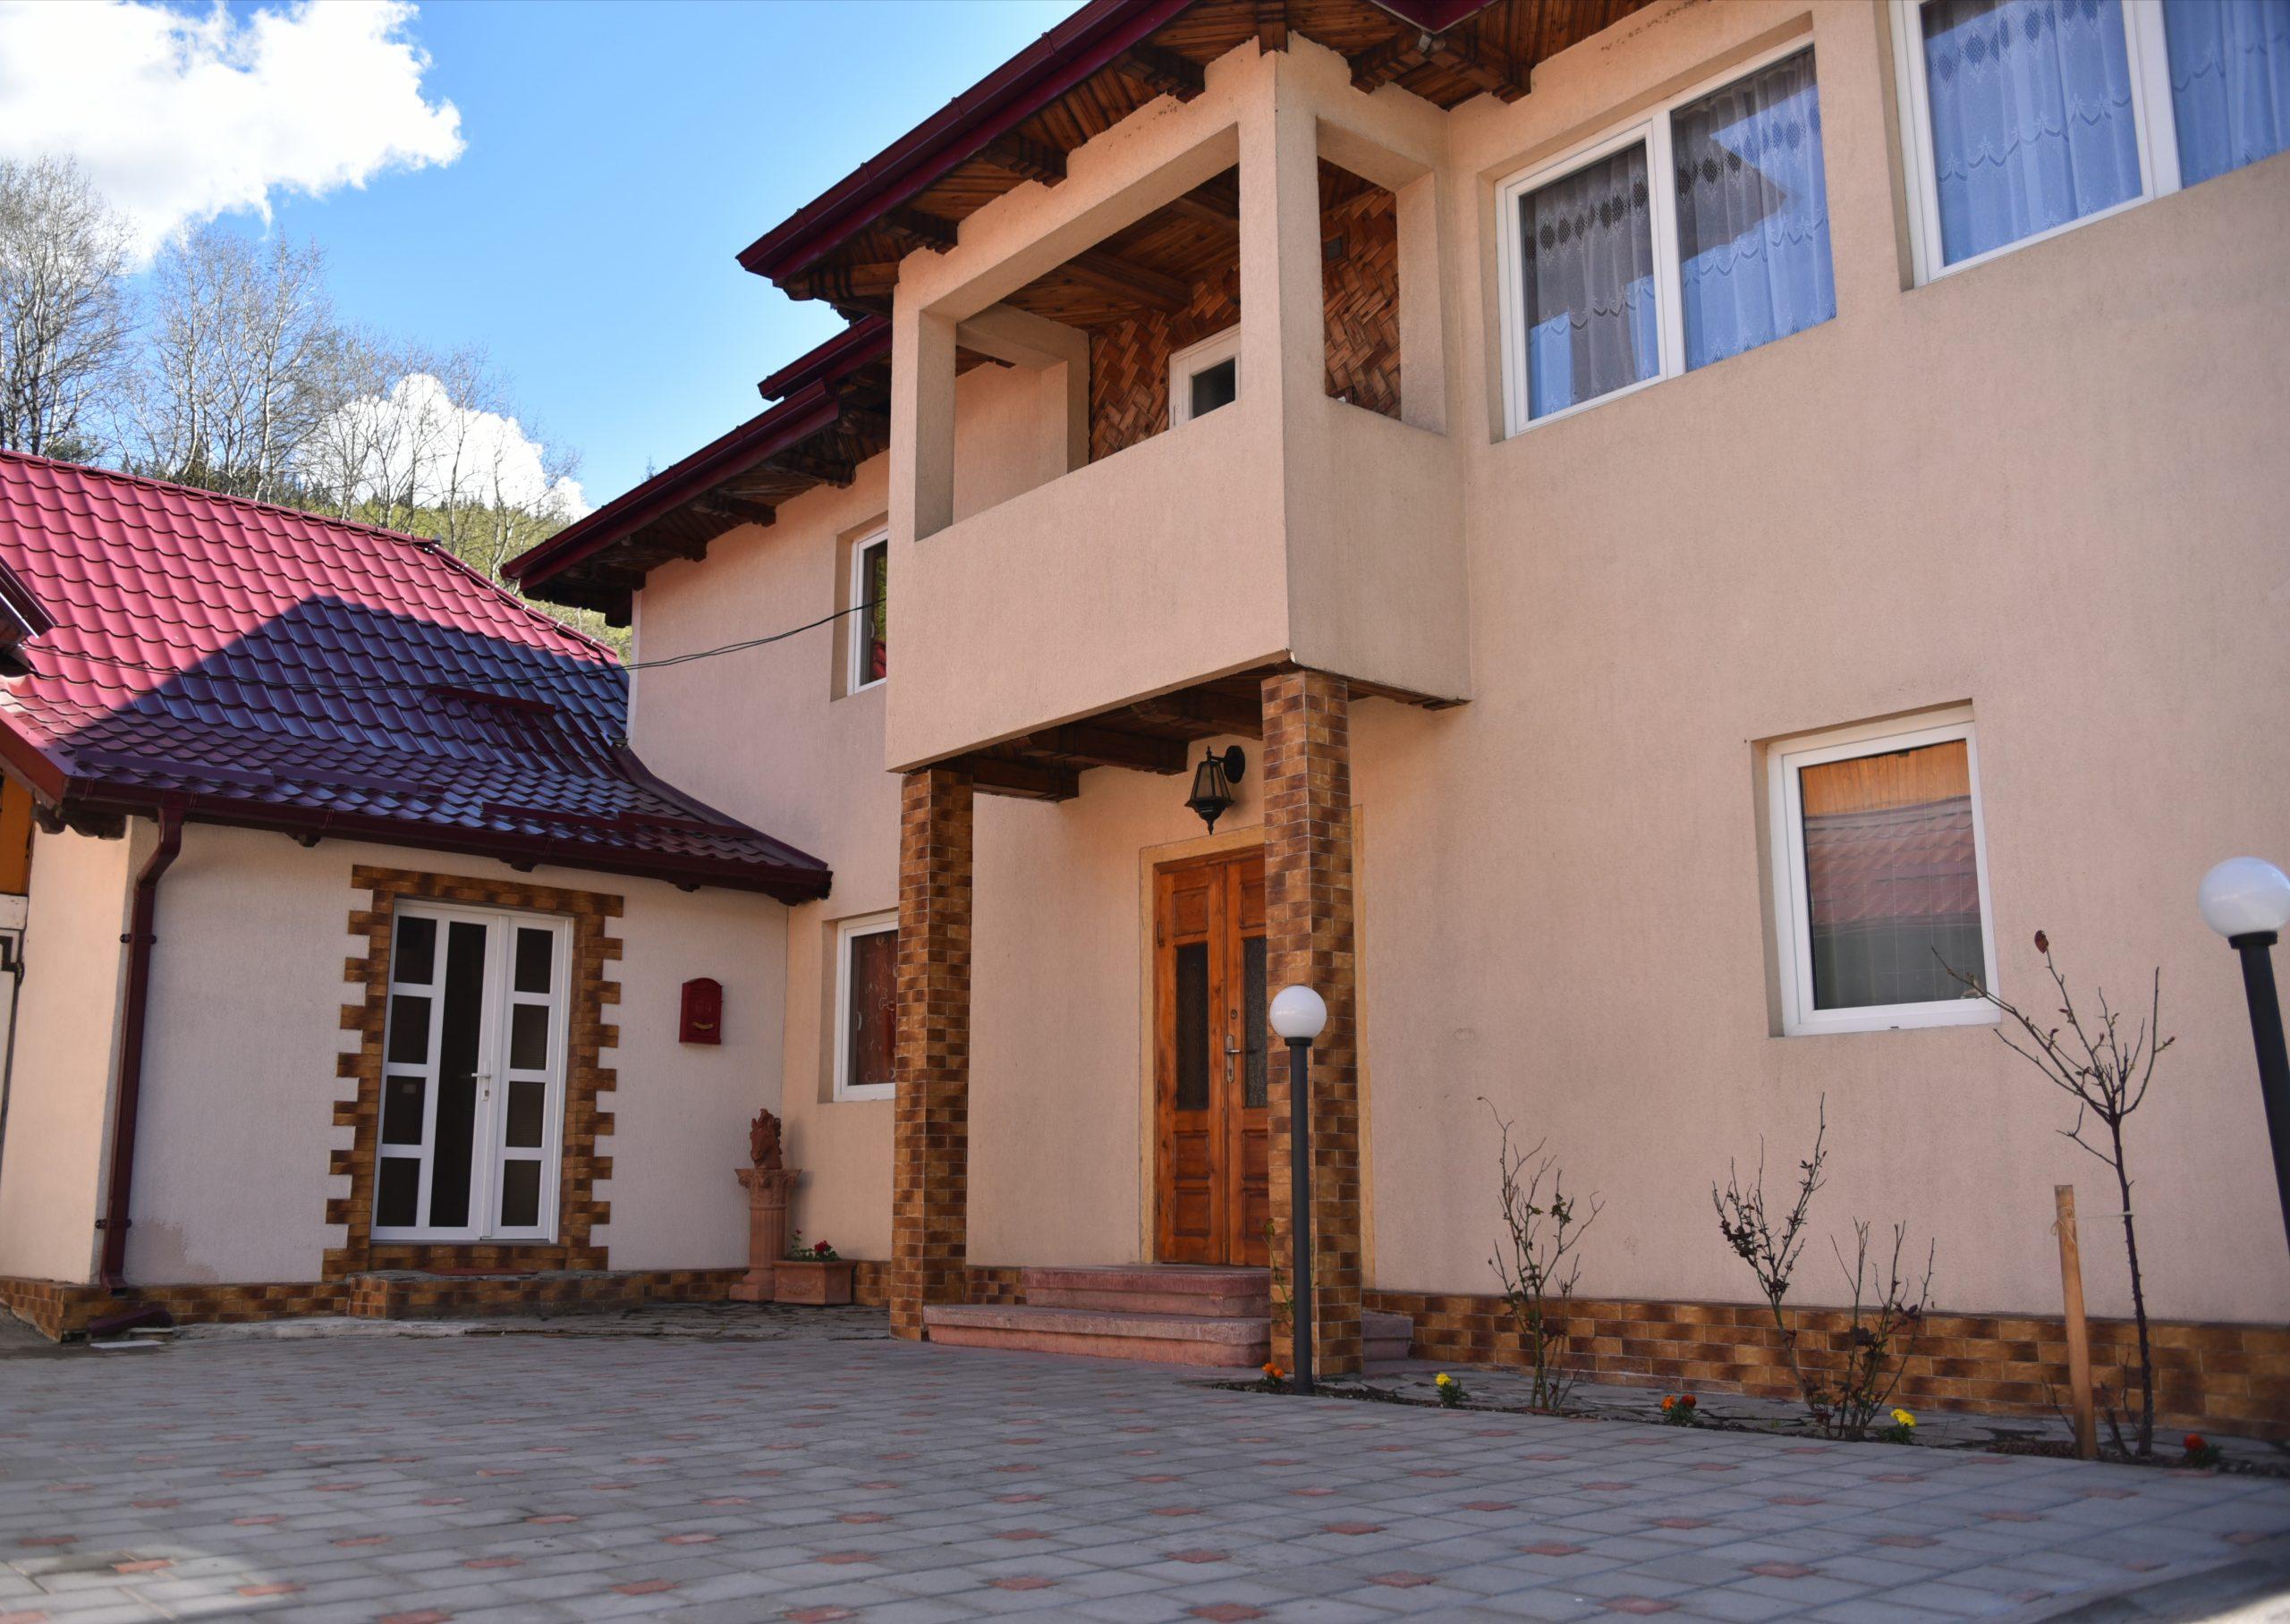 Casa Delcris